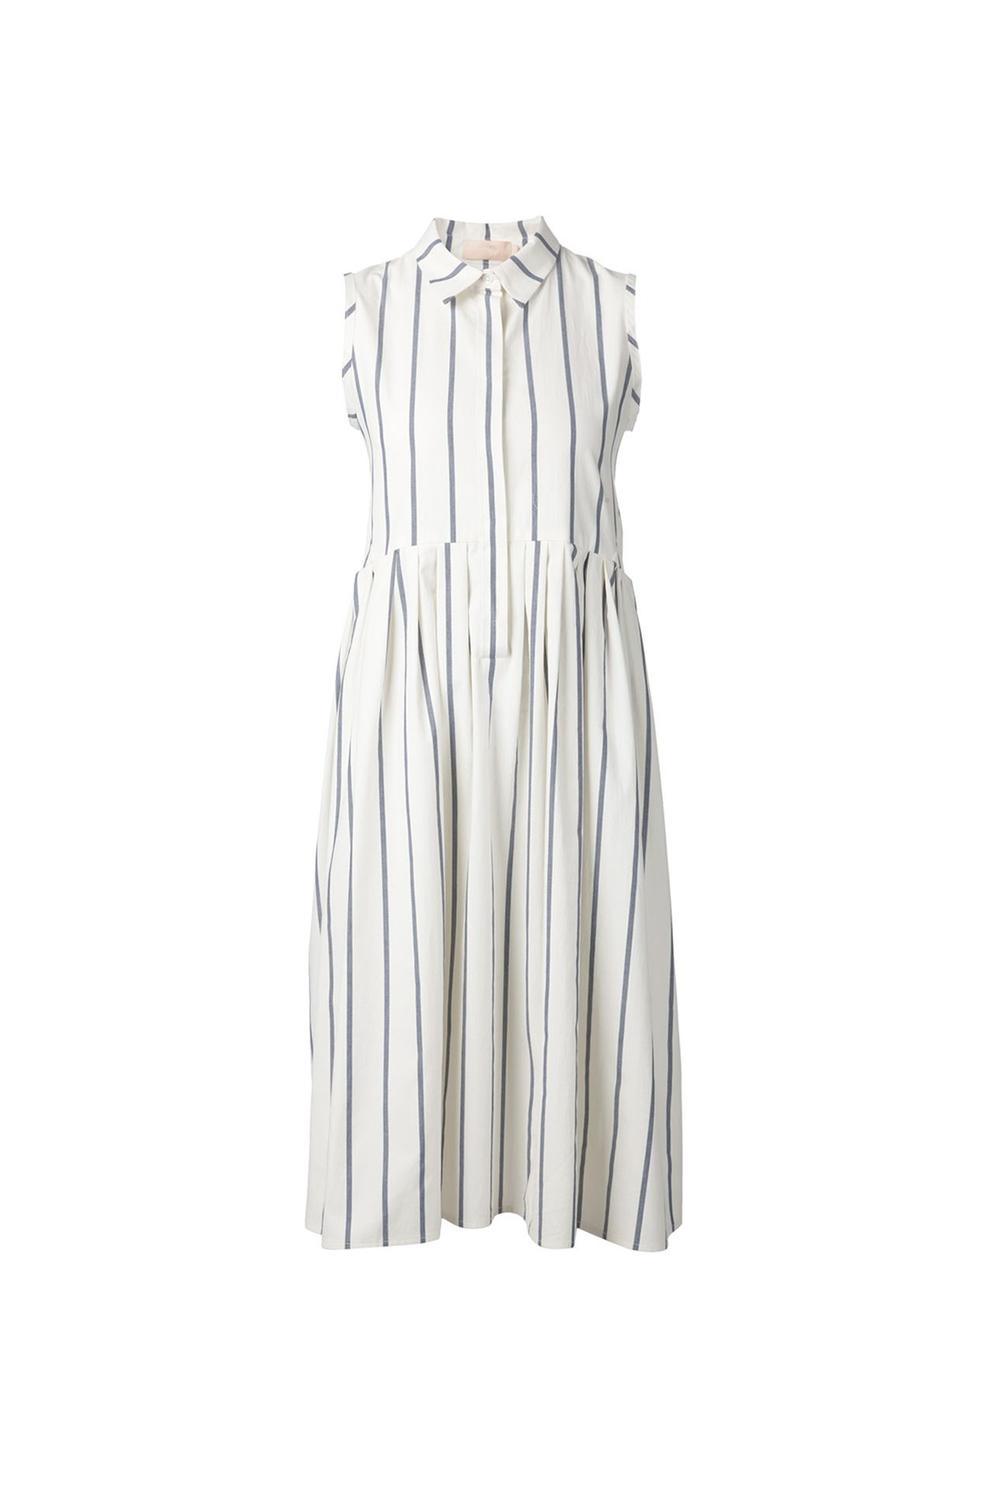 06-spring-denim-trends-dresses-01.jpg